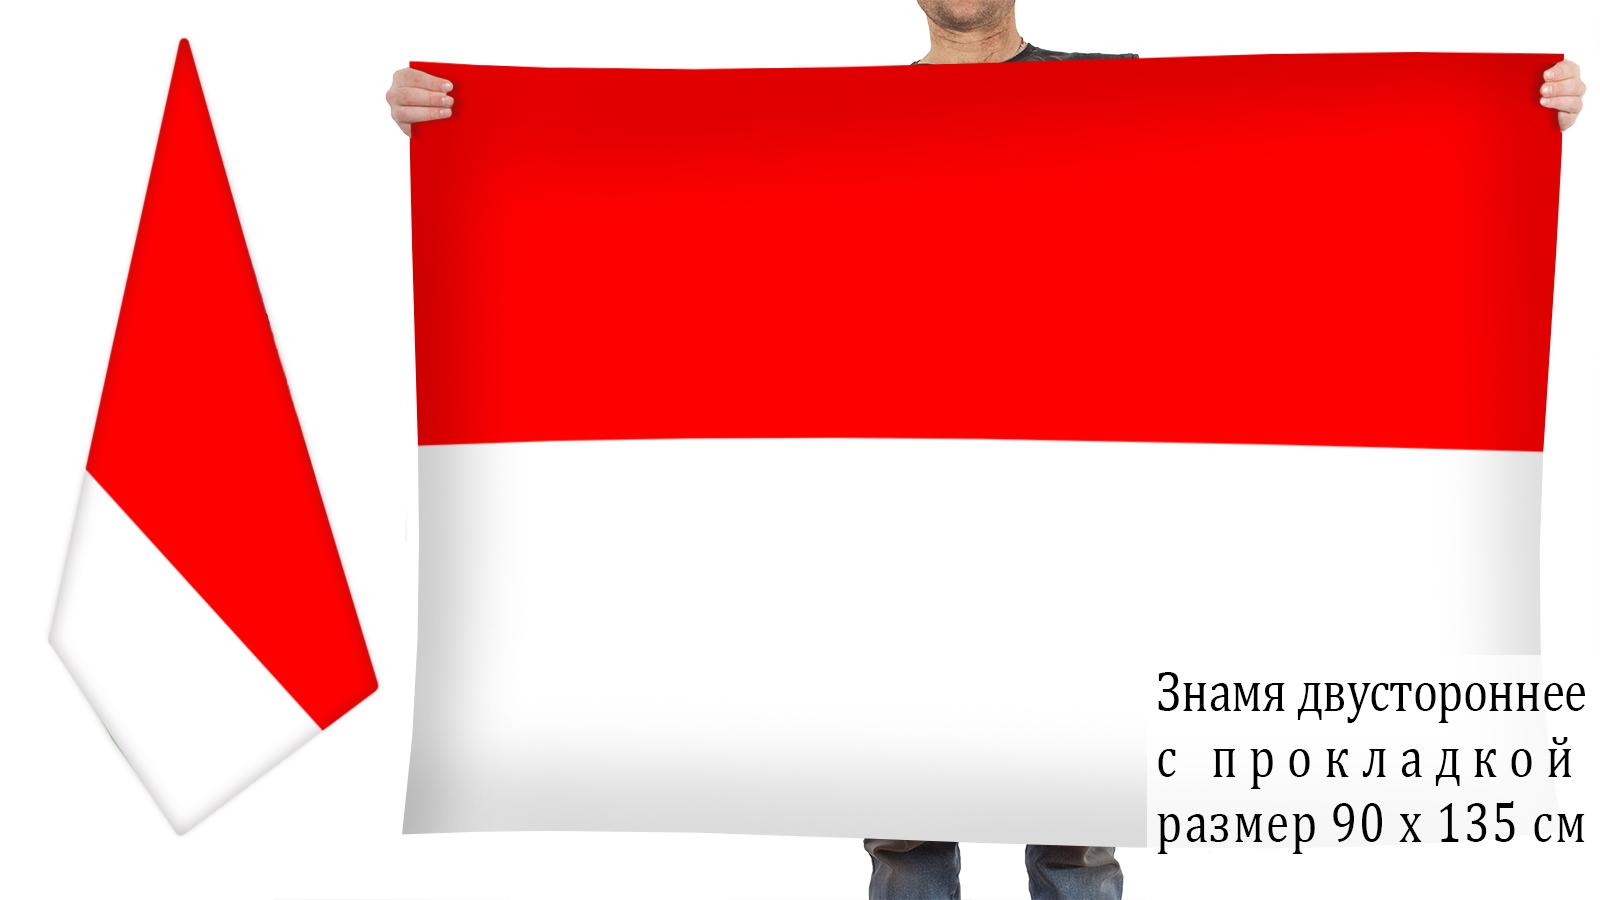 Двусторонний флаг Индонезии